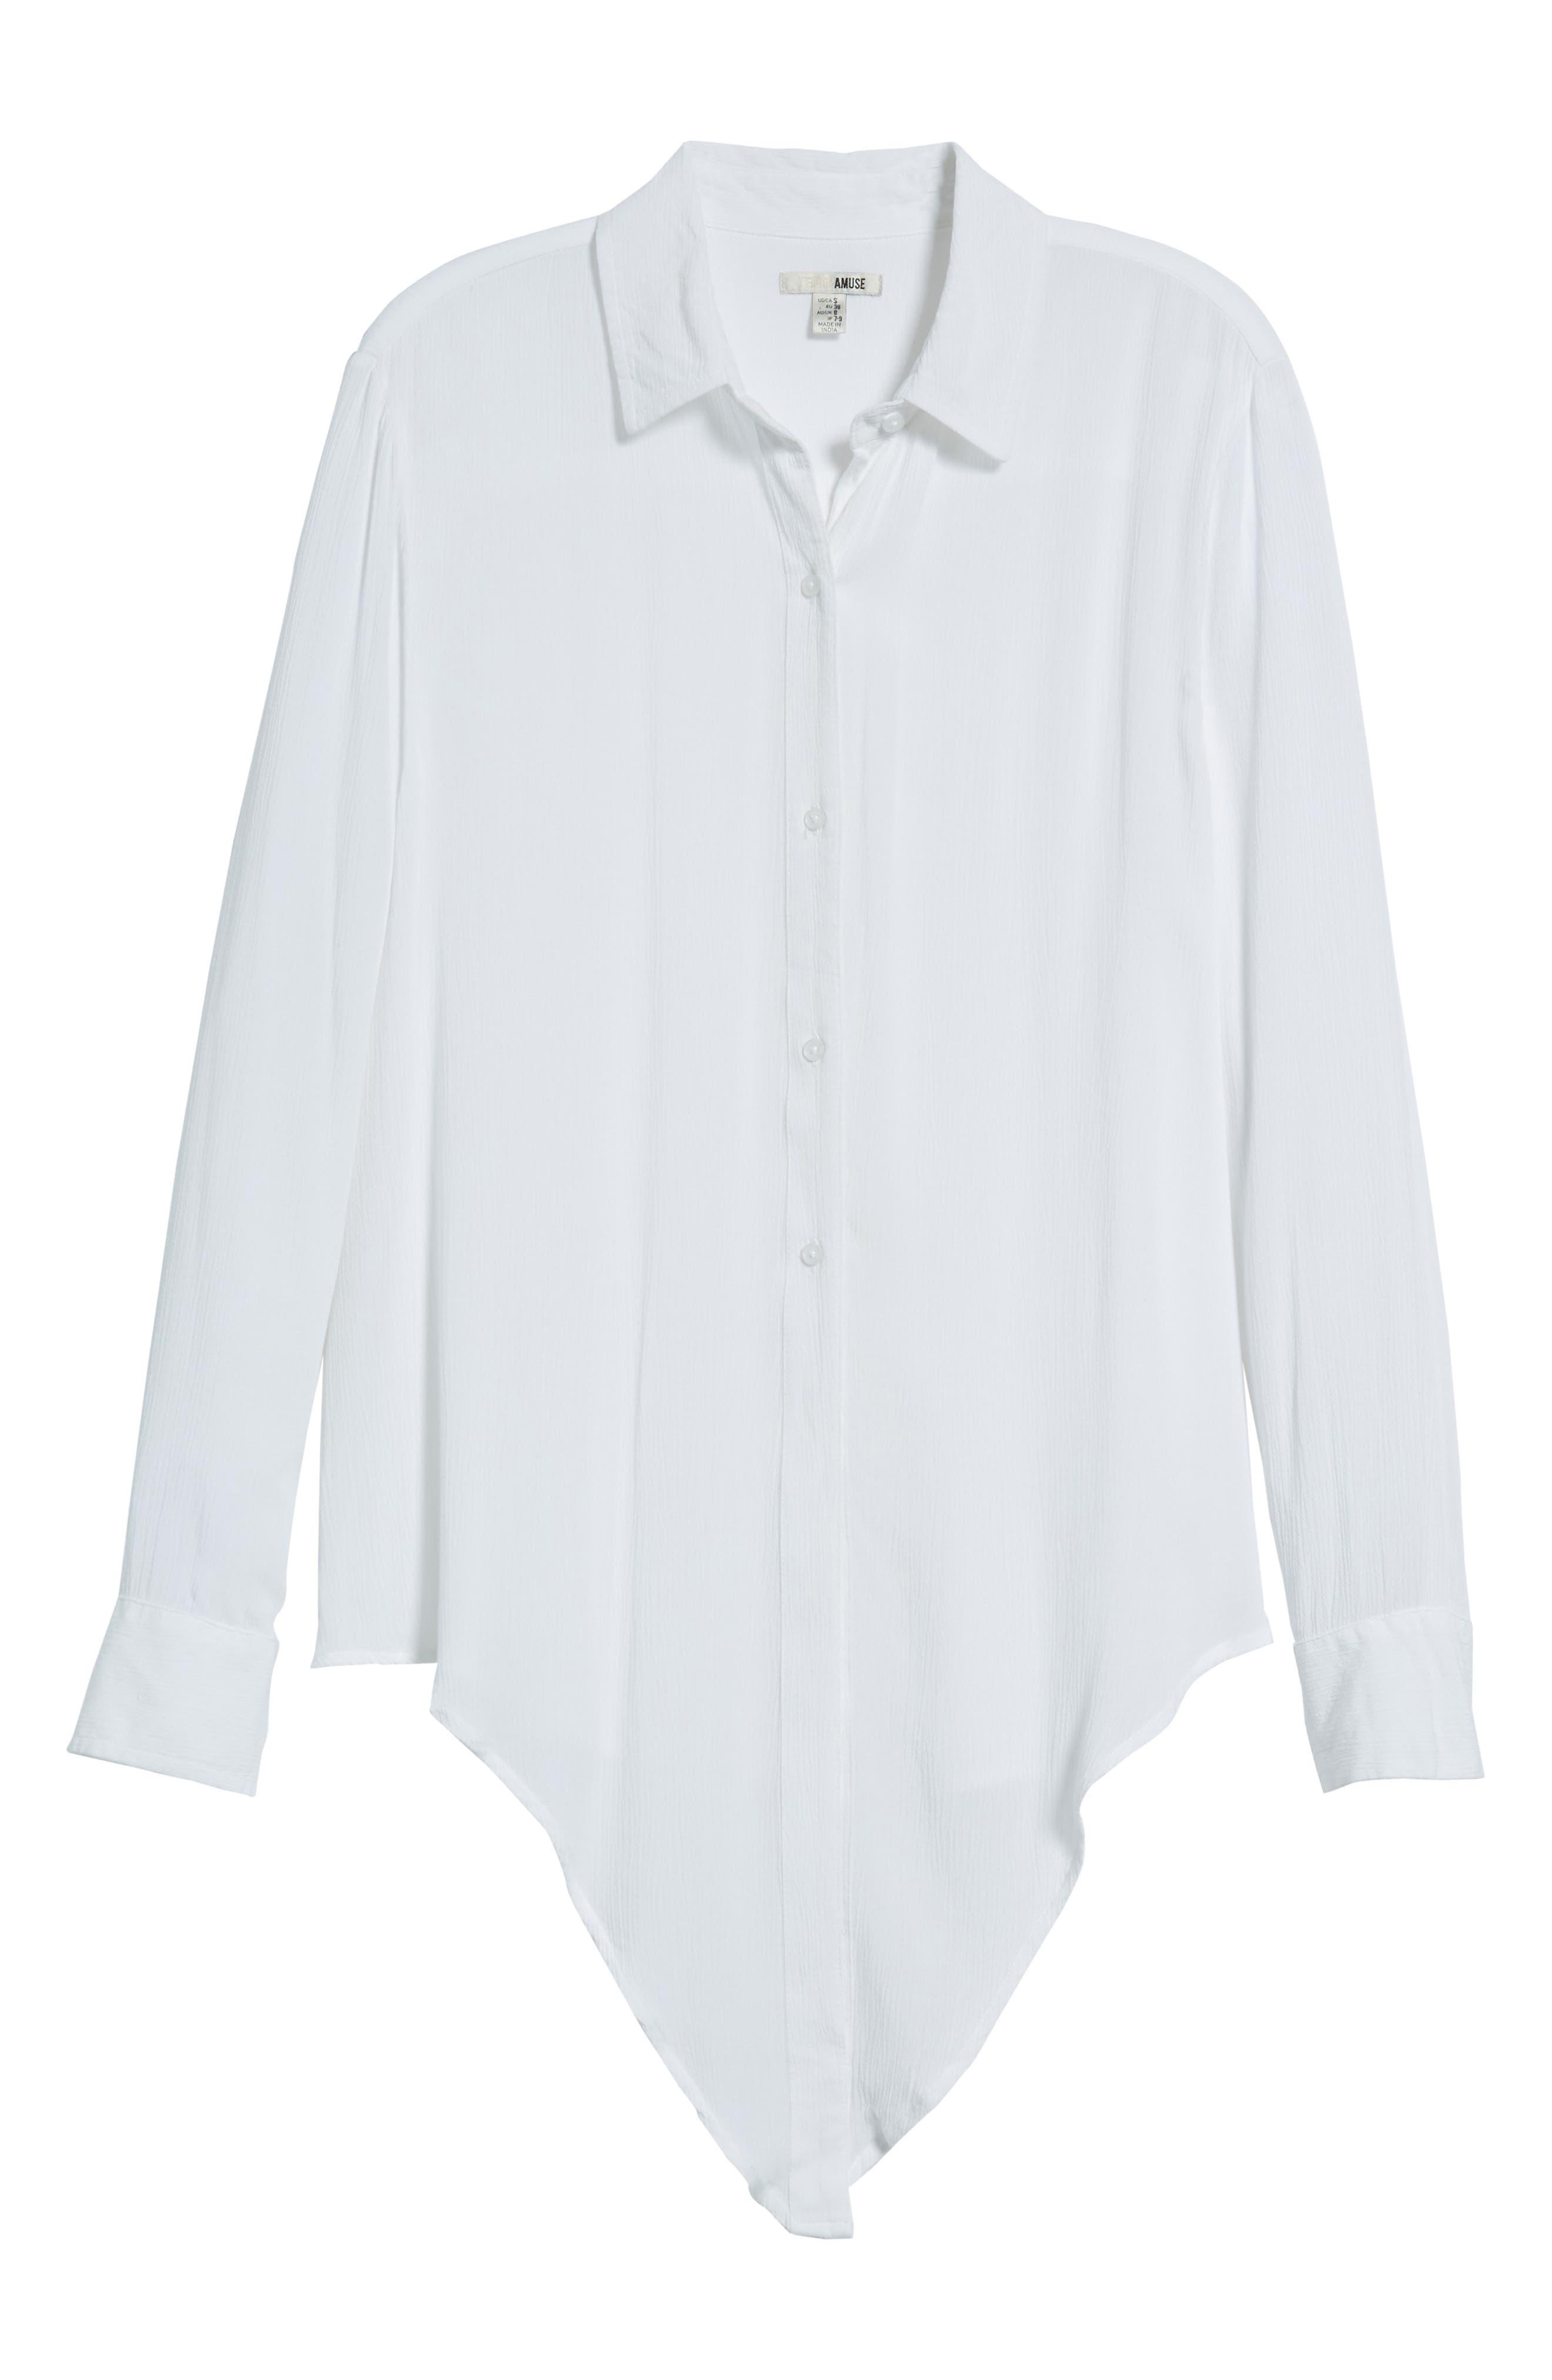 C'est La Vie Knotted Shirt,                             Alternate thumbnail 7, color,                             100